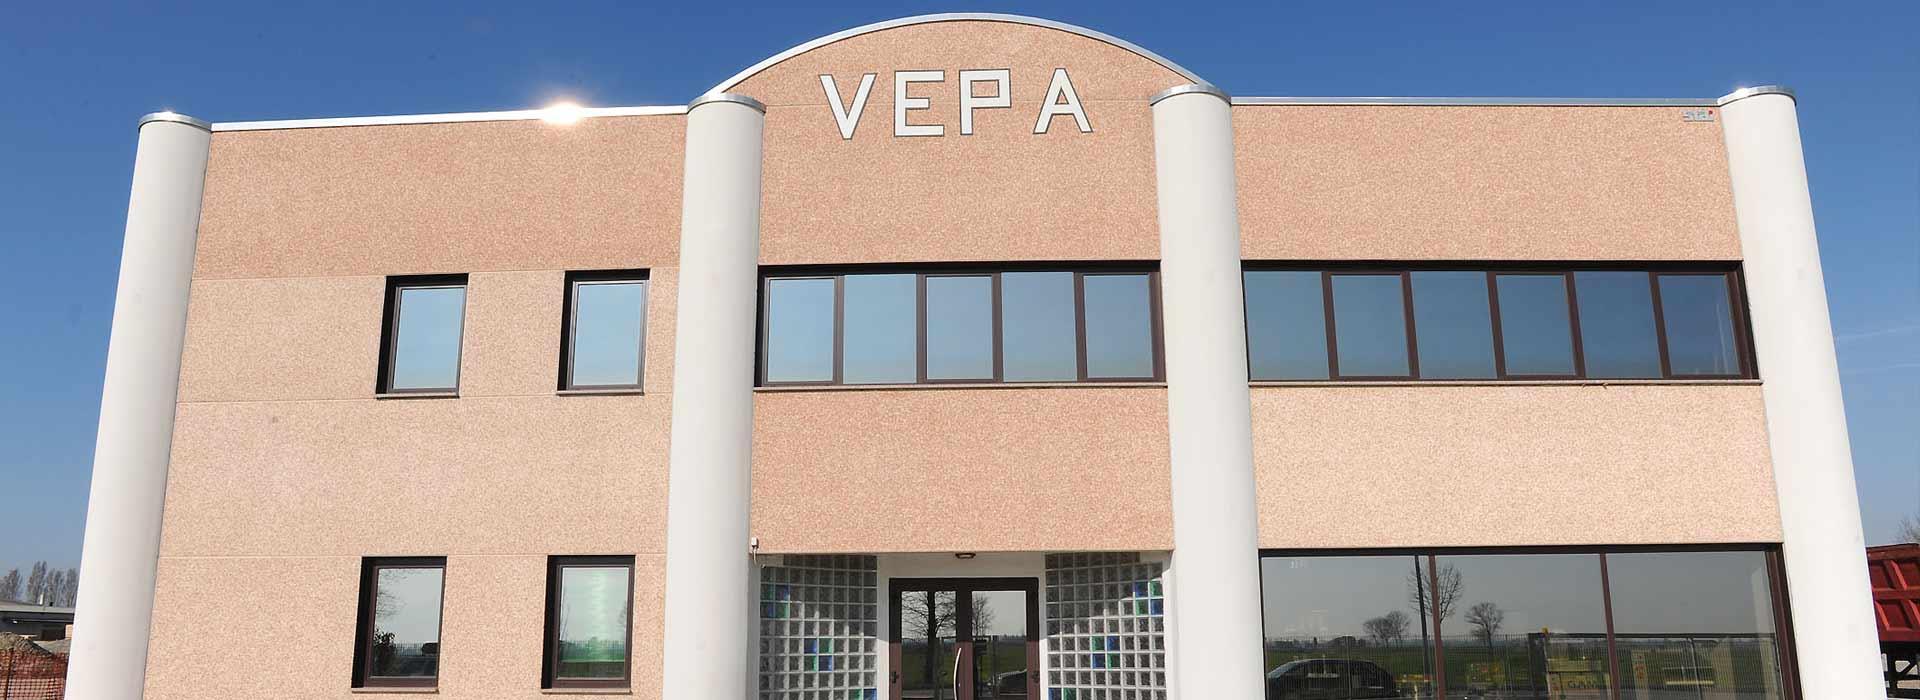 slider_vepa1